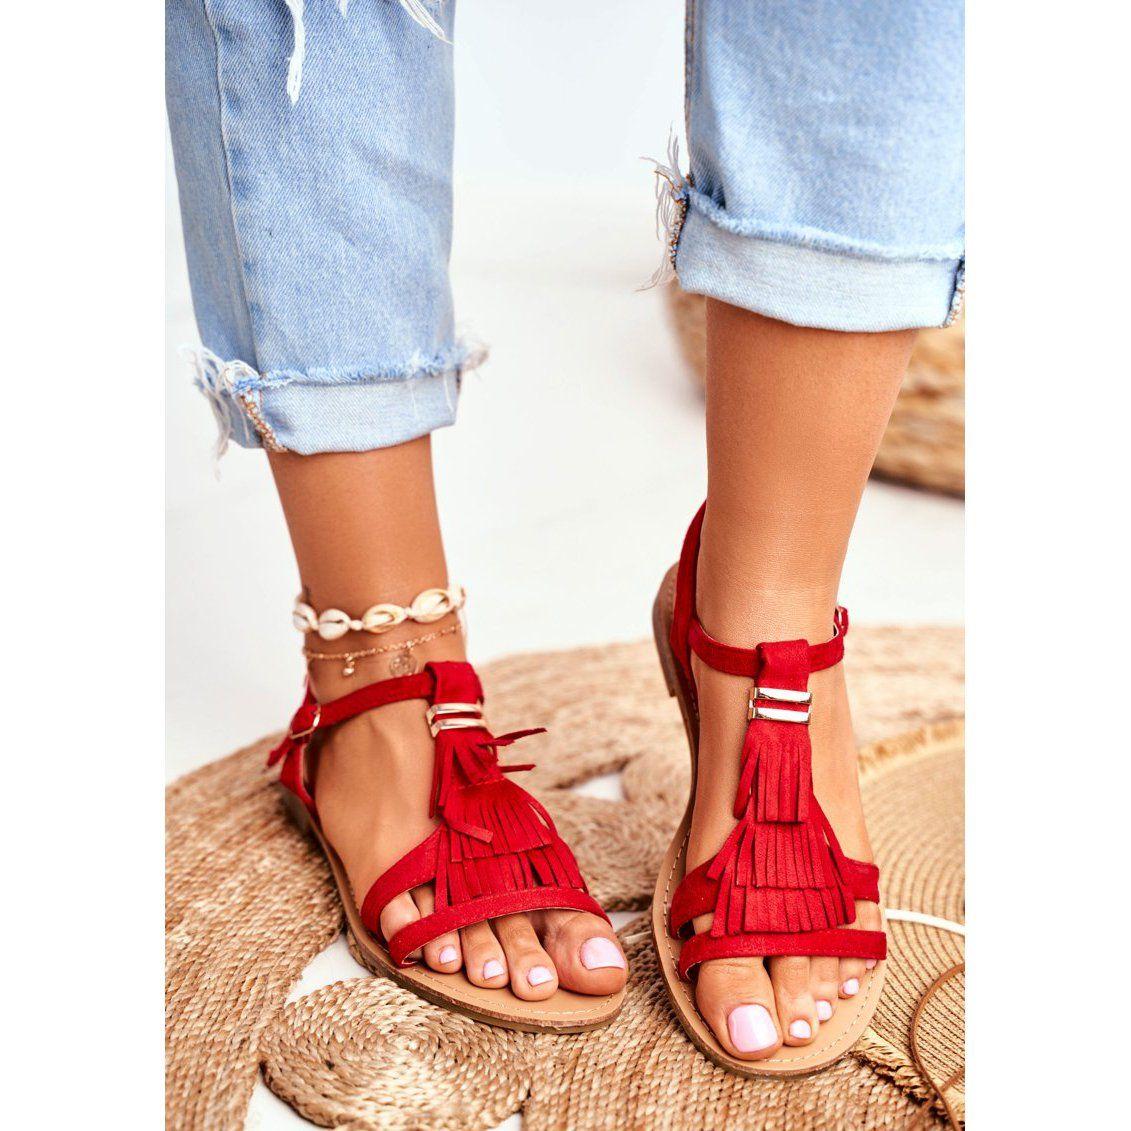 Fj1 Sandaly Damskie Plaskie Zamszowe Boho Czerwone Lucami Sandal Espadrille Shoes Sandals